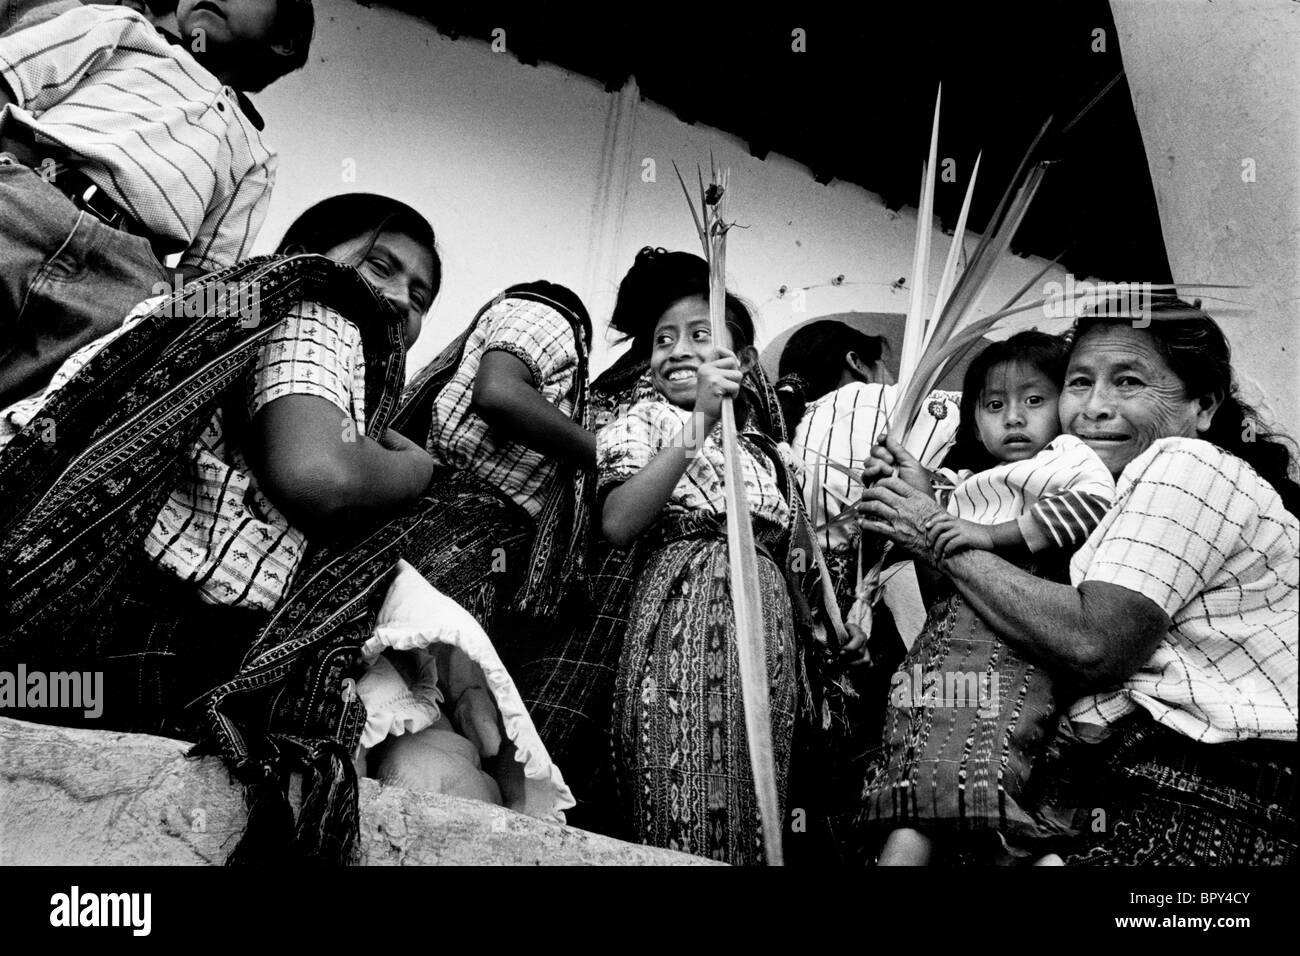 Palm Sunday, Easter. Guatemala - Stock Image